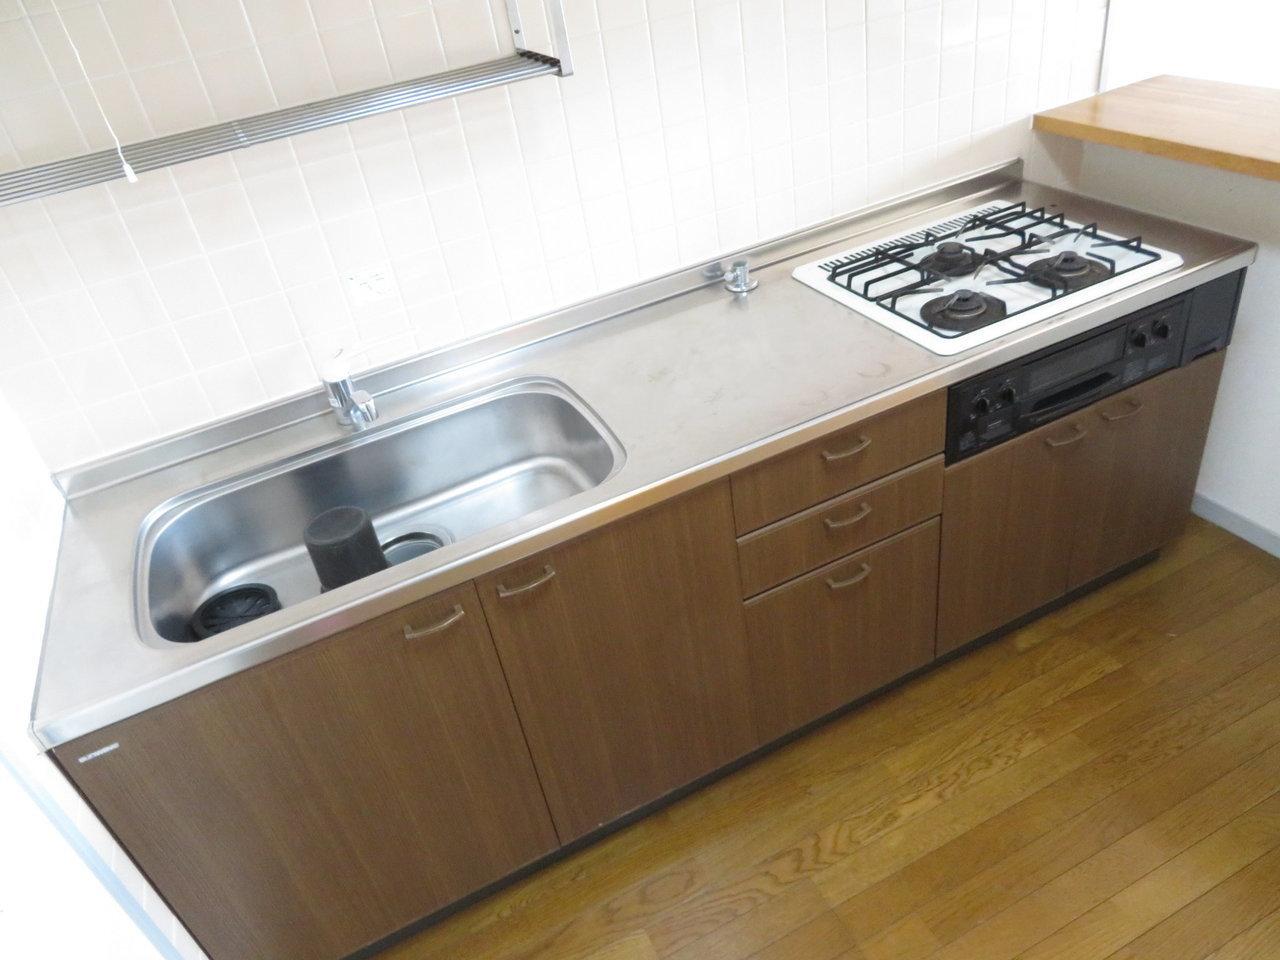 キッチン周りは収納スペースも充実していて、シンクも広々。これまで狭いキッチンに苦戦していた方。ぜひランクアップしてみては?